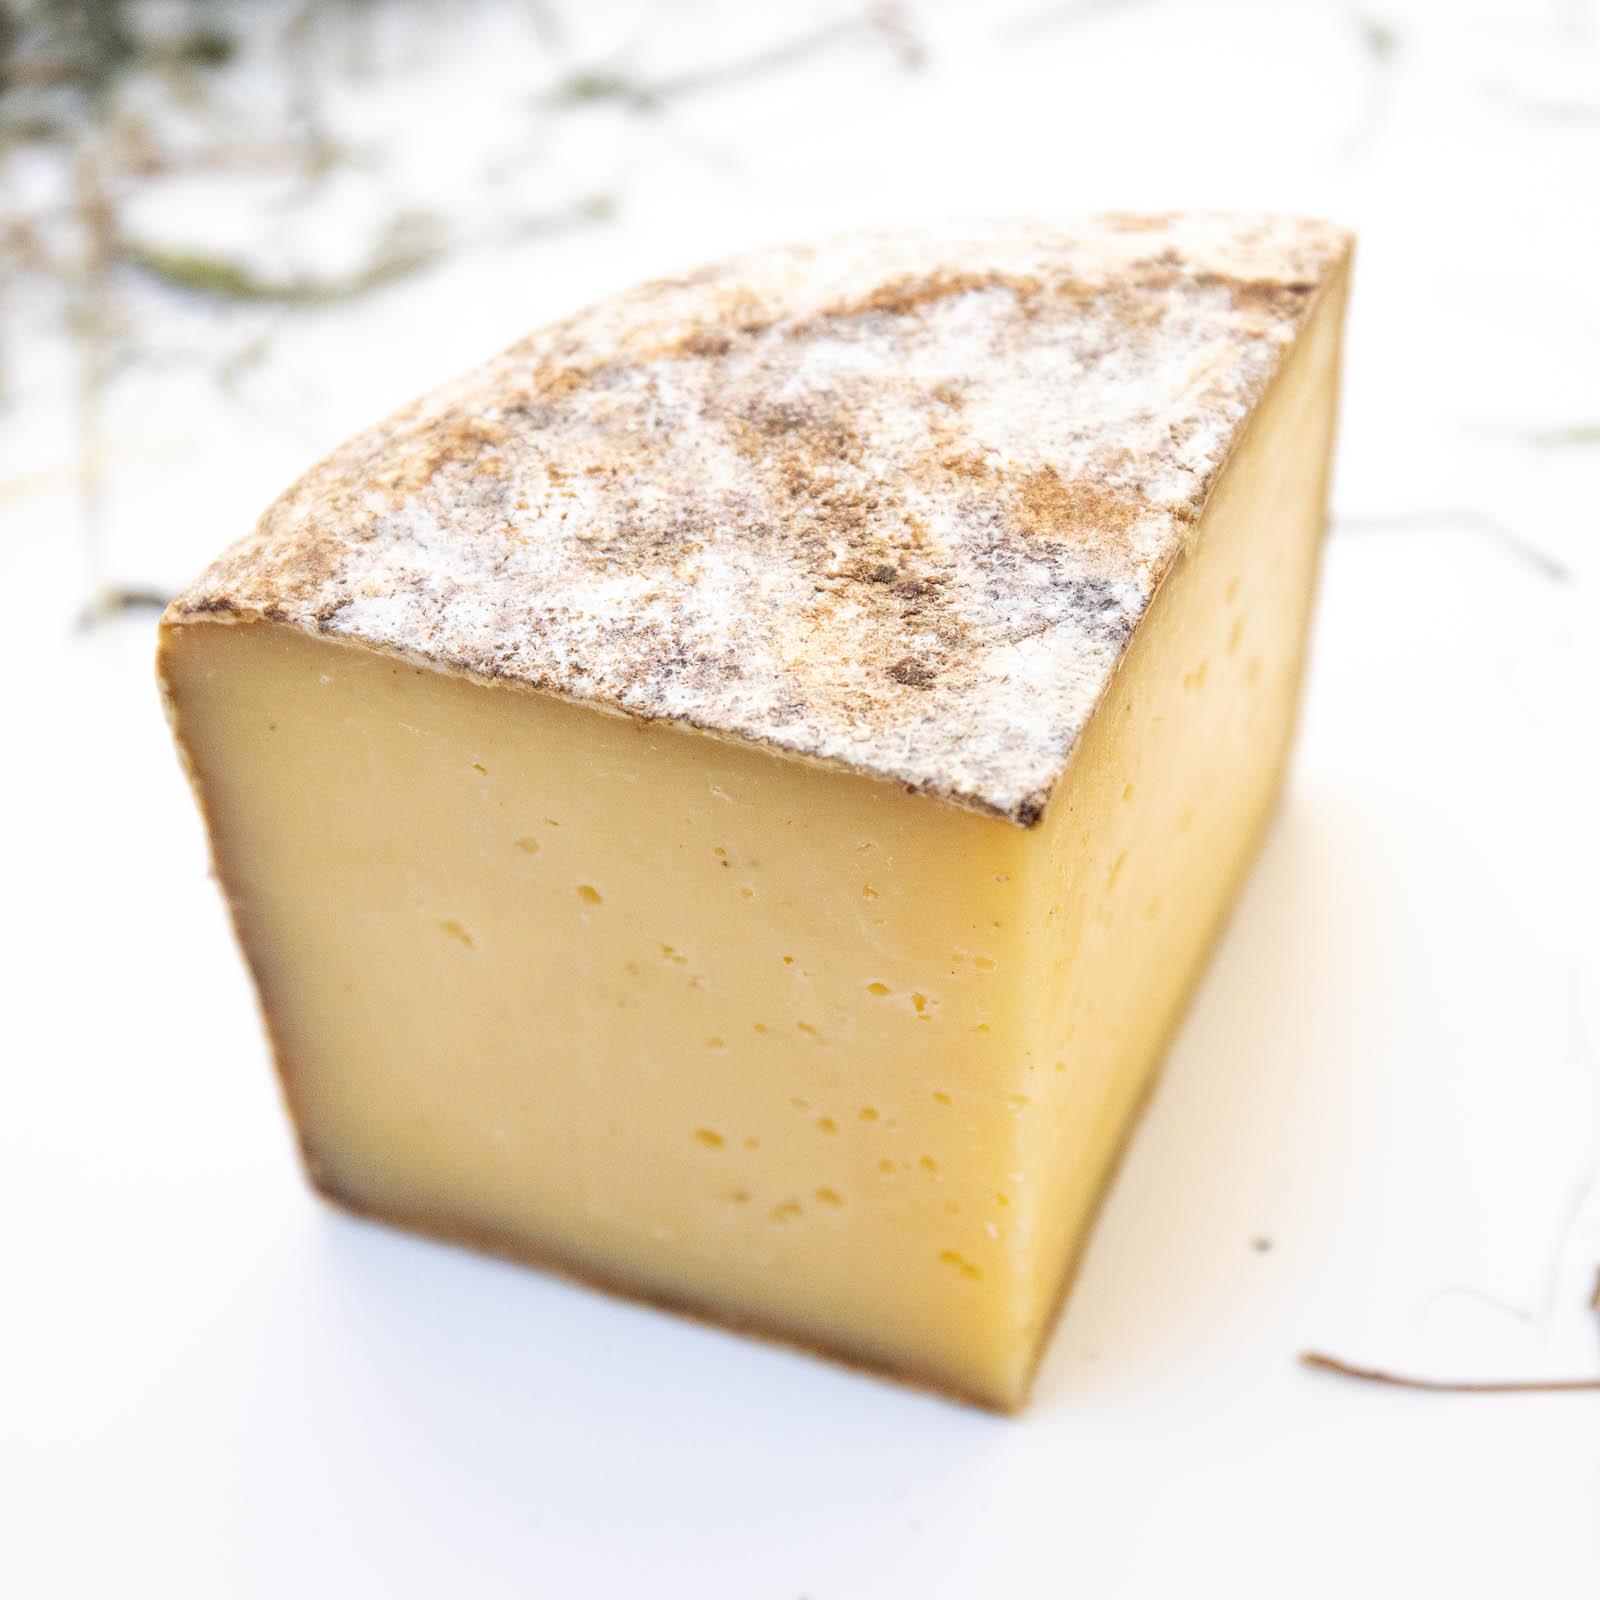 Fetta di formaggio affinato in grotta bio